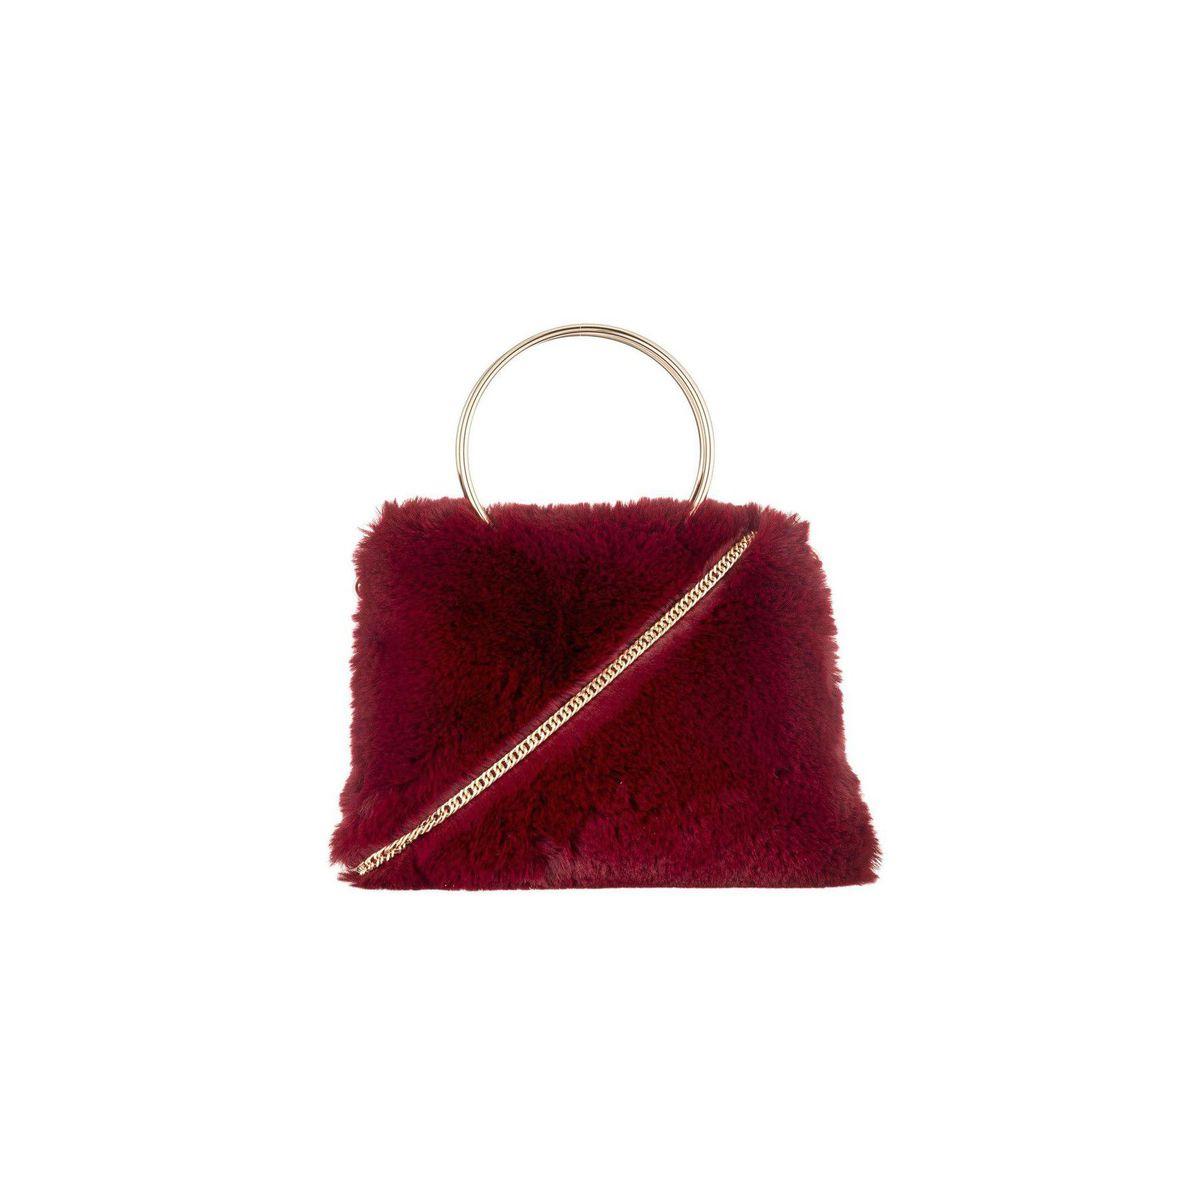 STYLE9000 BAG Bordeaux Alessia Massimo